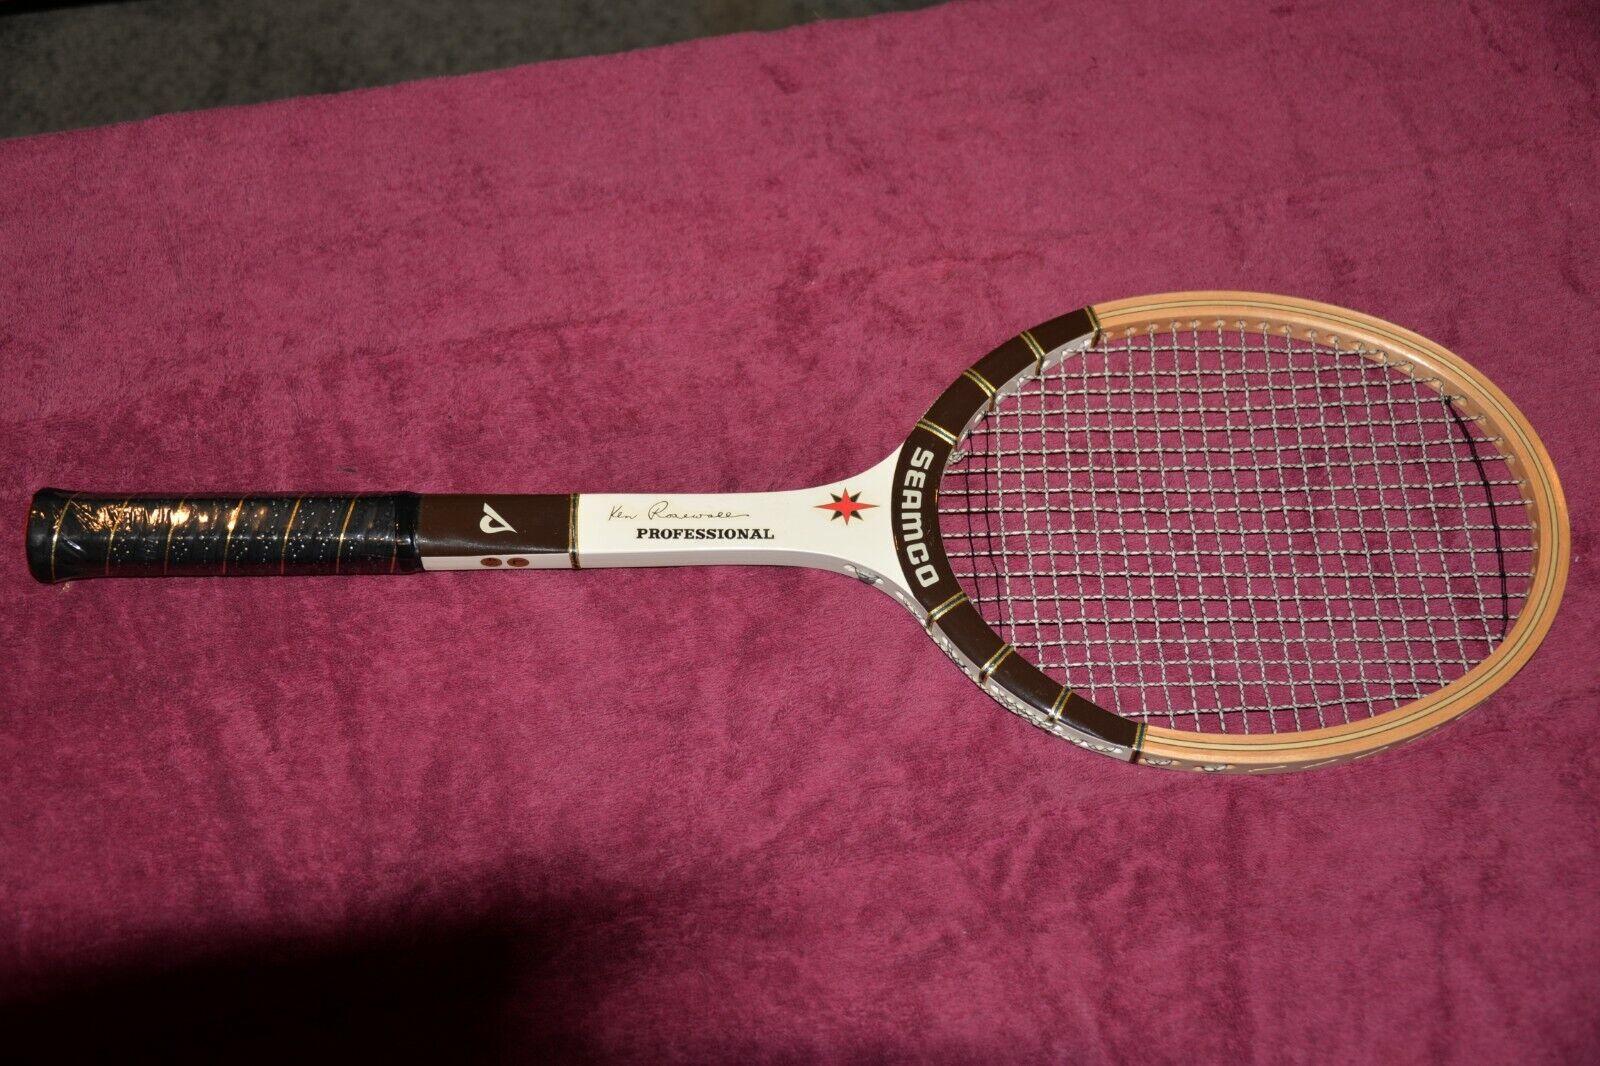 Ken rosadowell Vintage Raqueta De Tenis Madera nos envoltorio todavía en perfecto estado